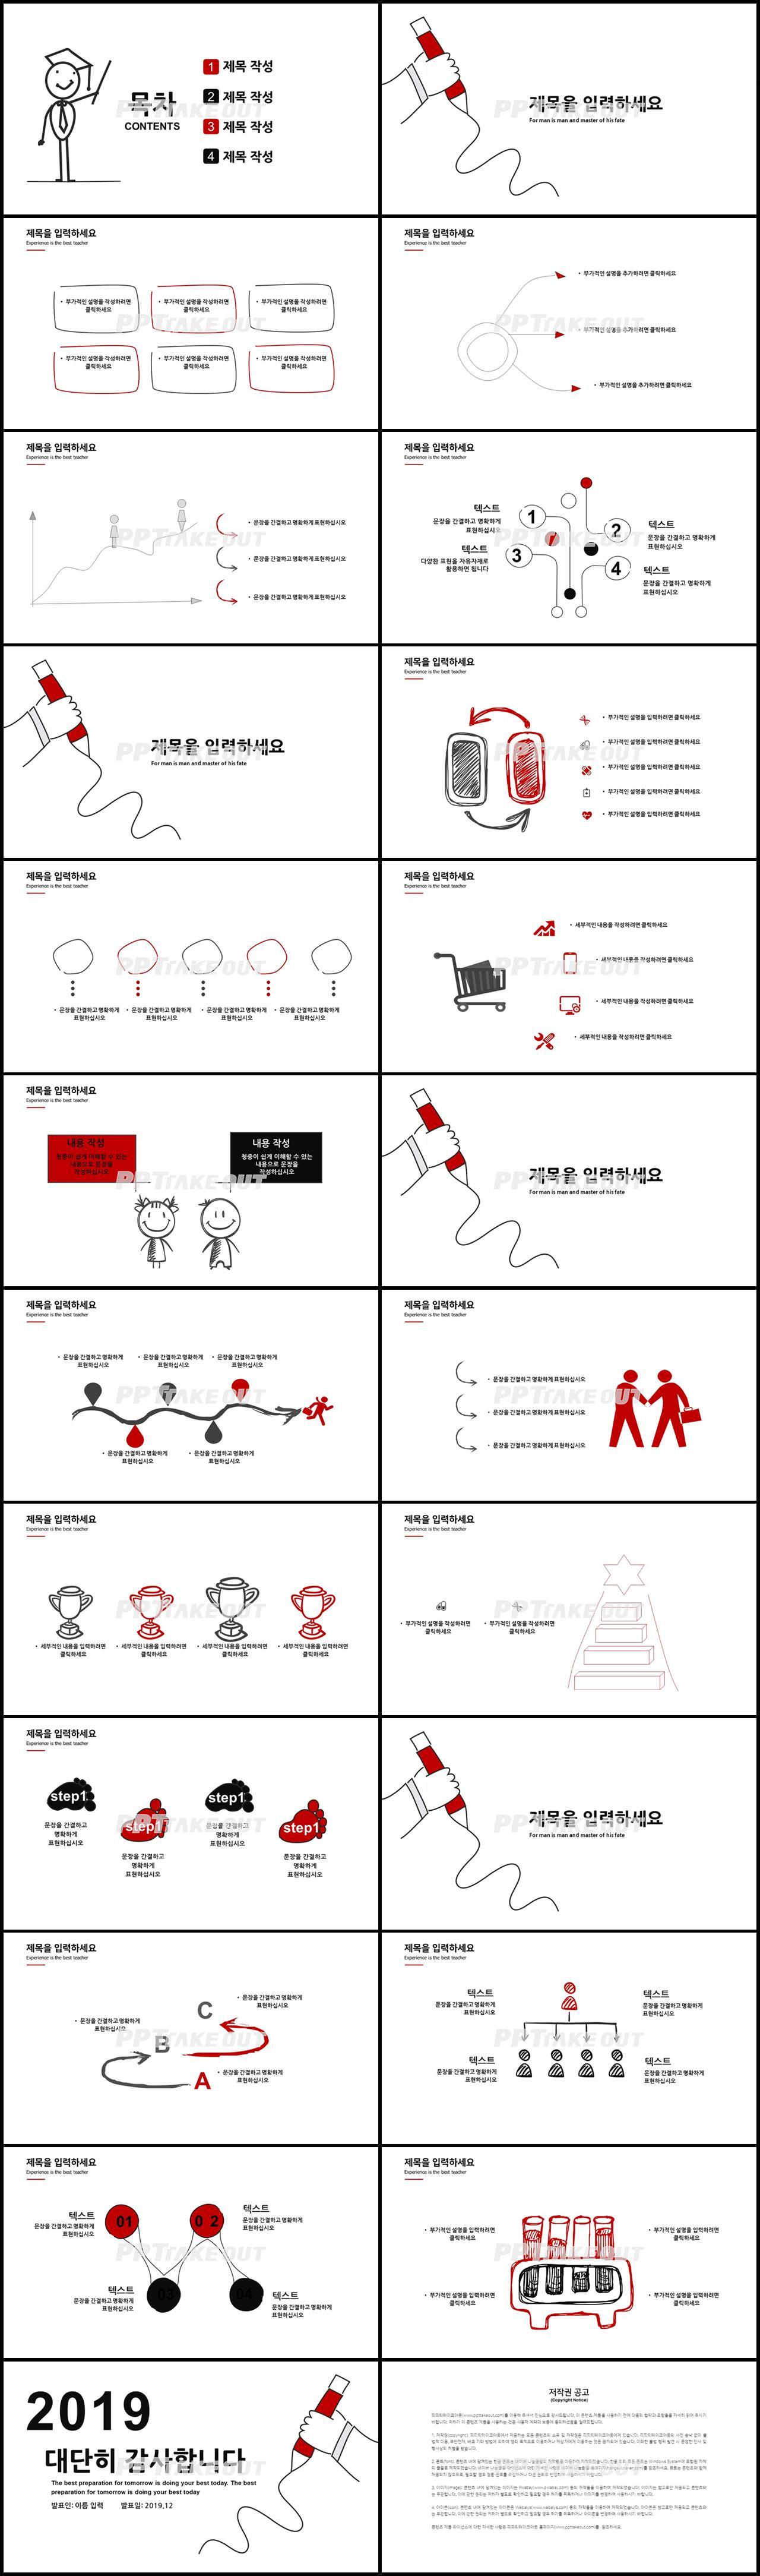 업무프로세스 붉은색 인포그래픽 매력적인 파워포인트배경 제작 상세보기